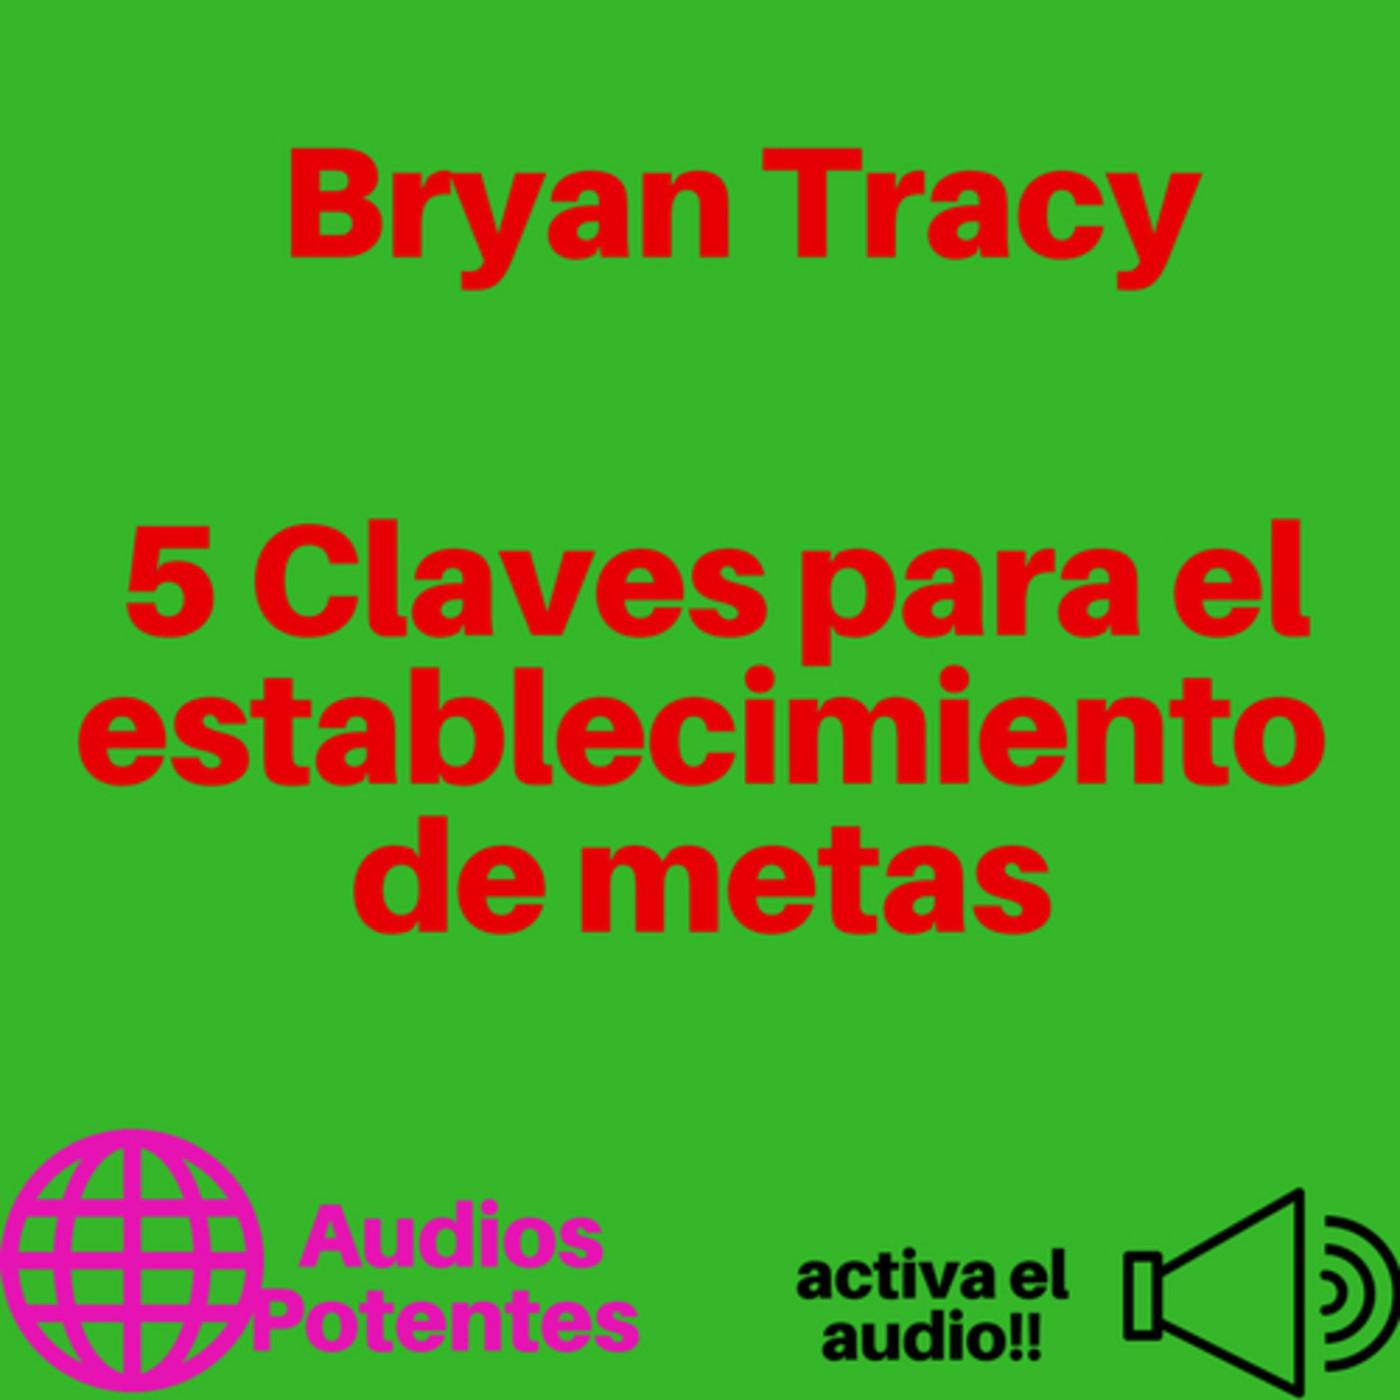 5 Claves para el establecimiento de metas Bryan Tracy